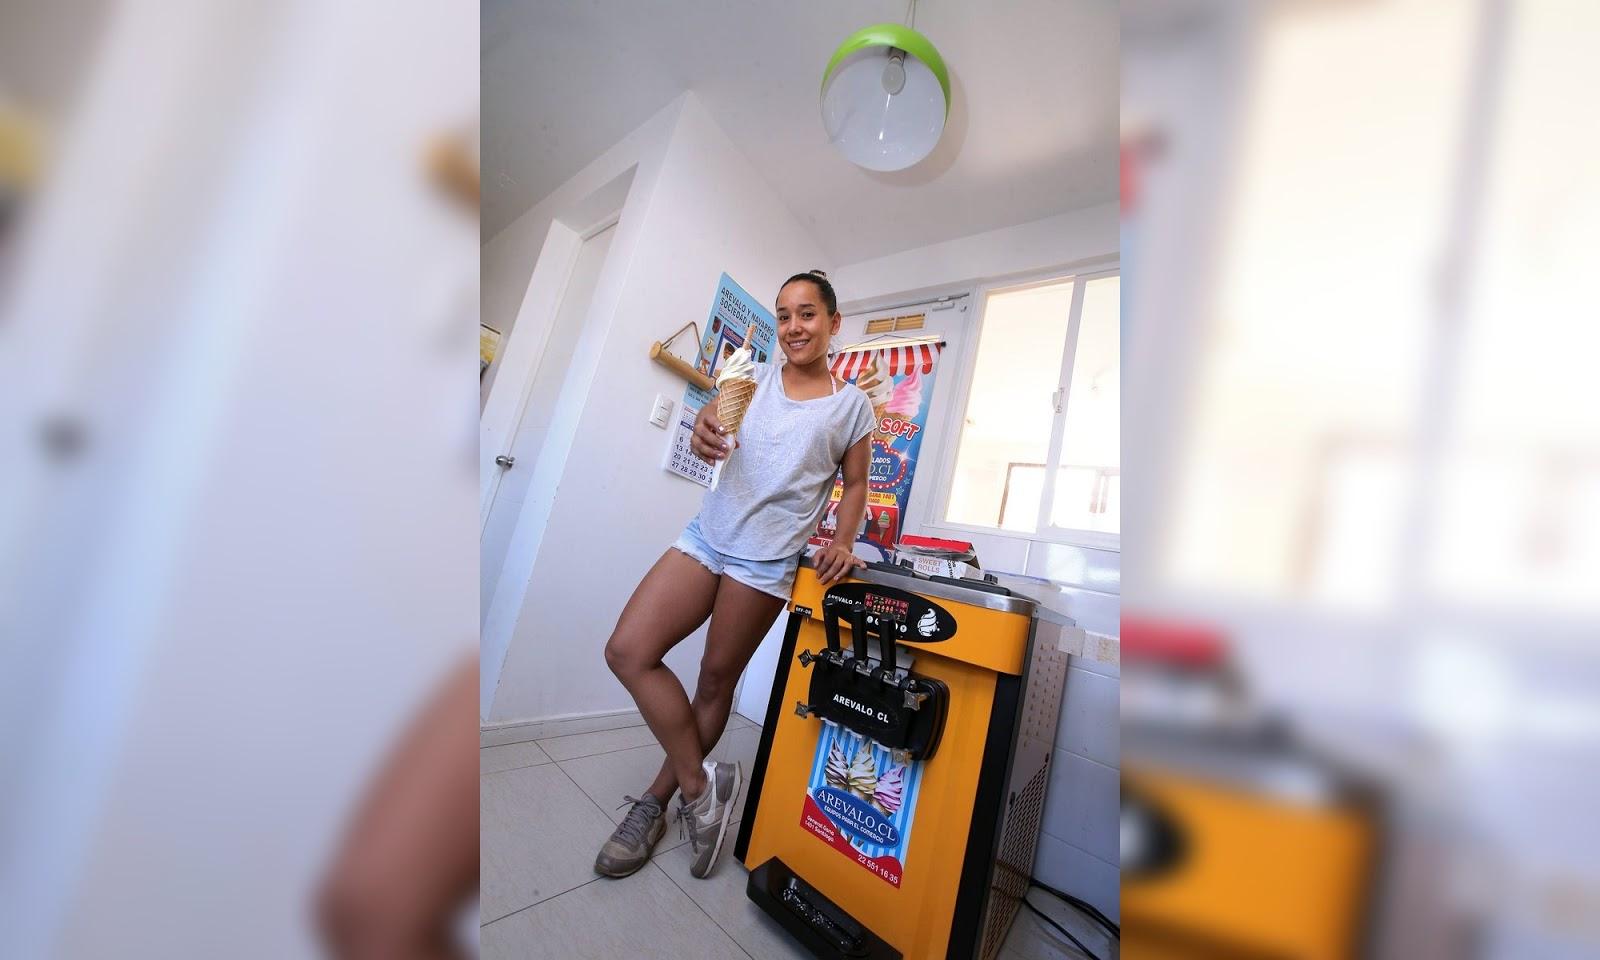 Maka Pinto vende helados en su casa